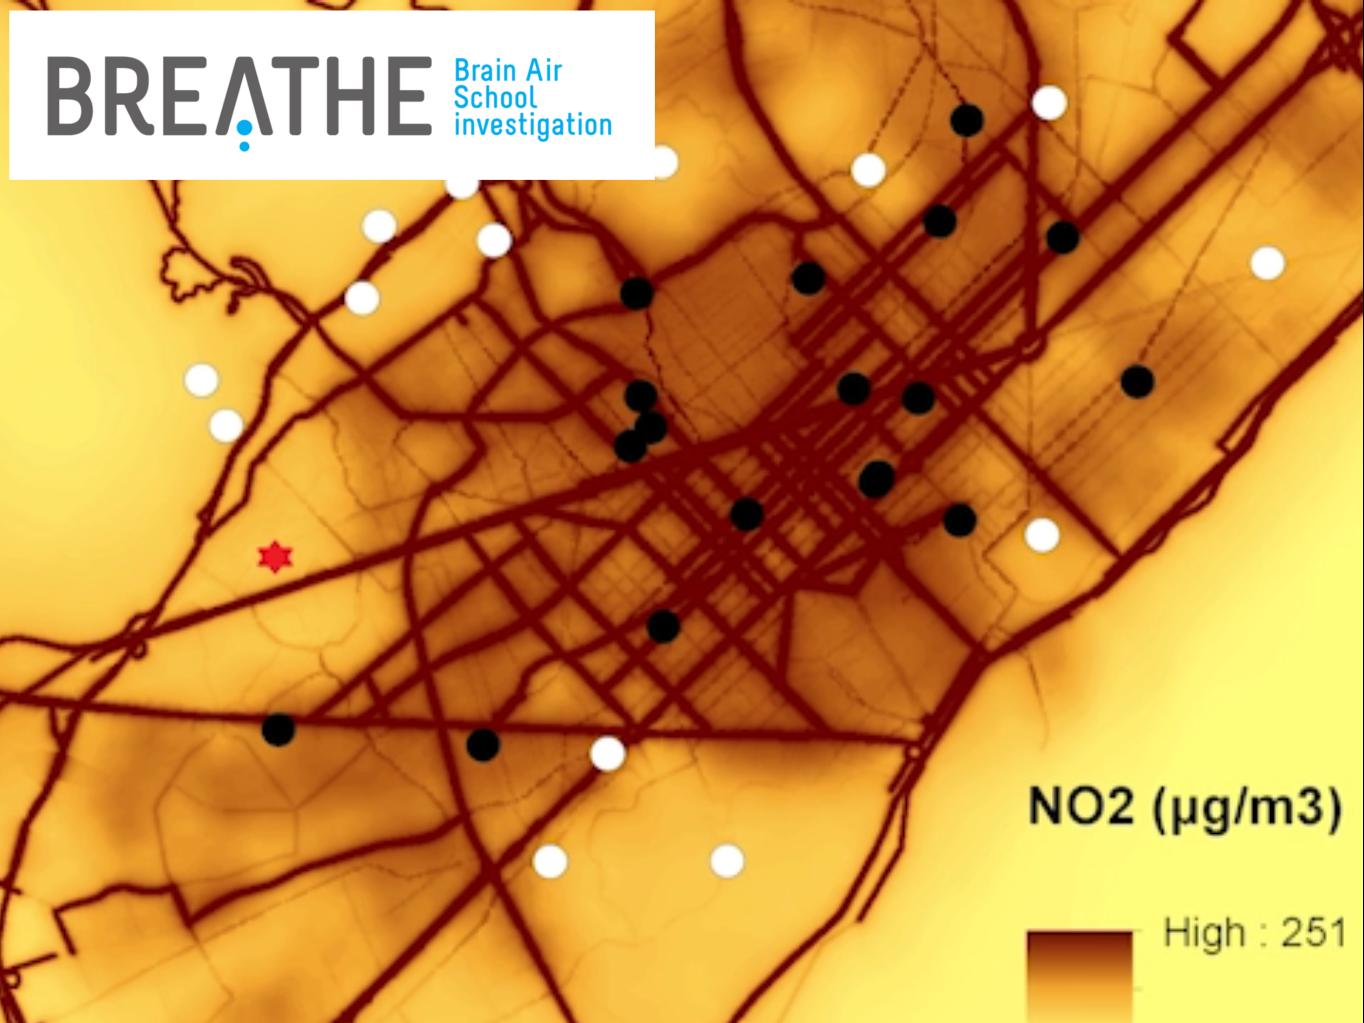 Novetats sobre el Projecte Breathe